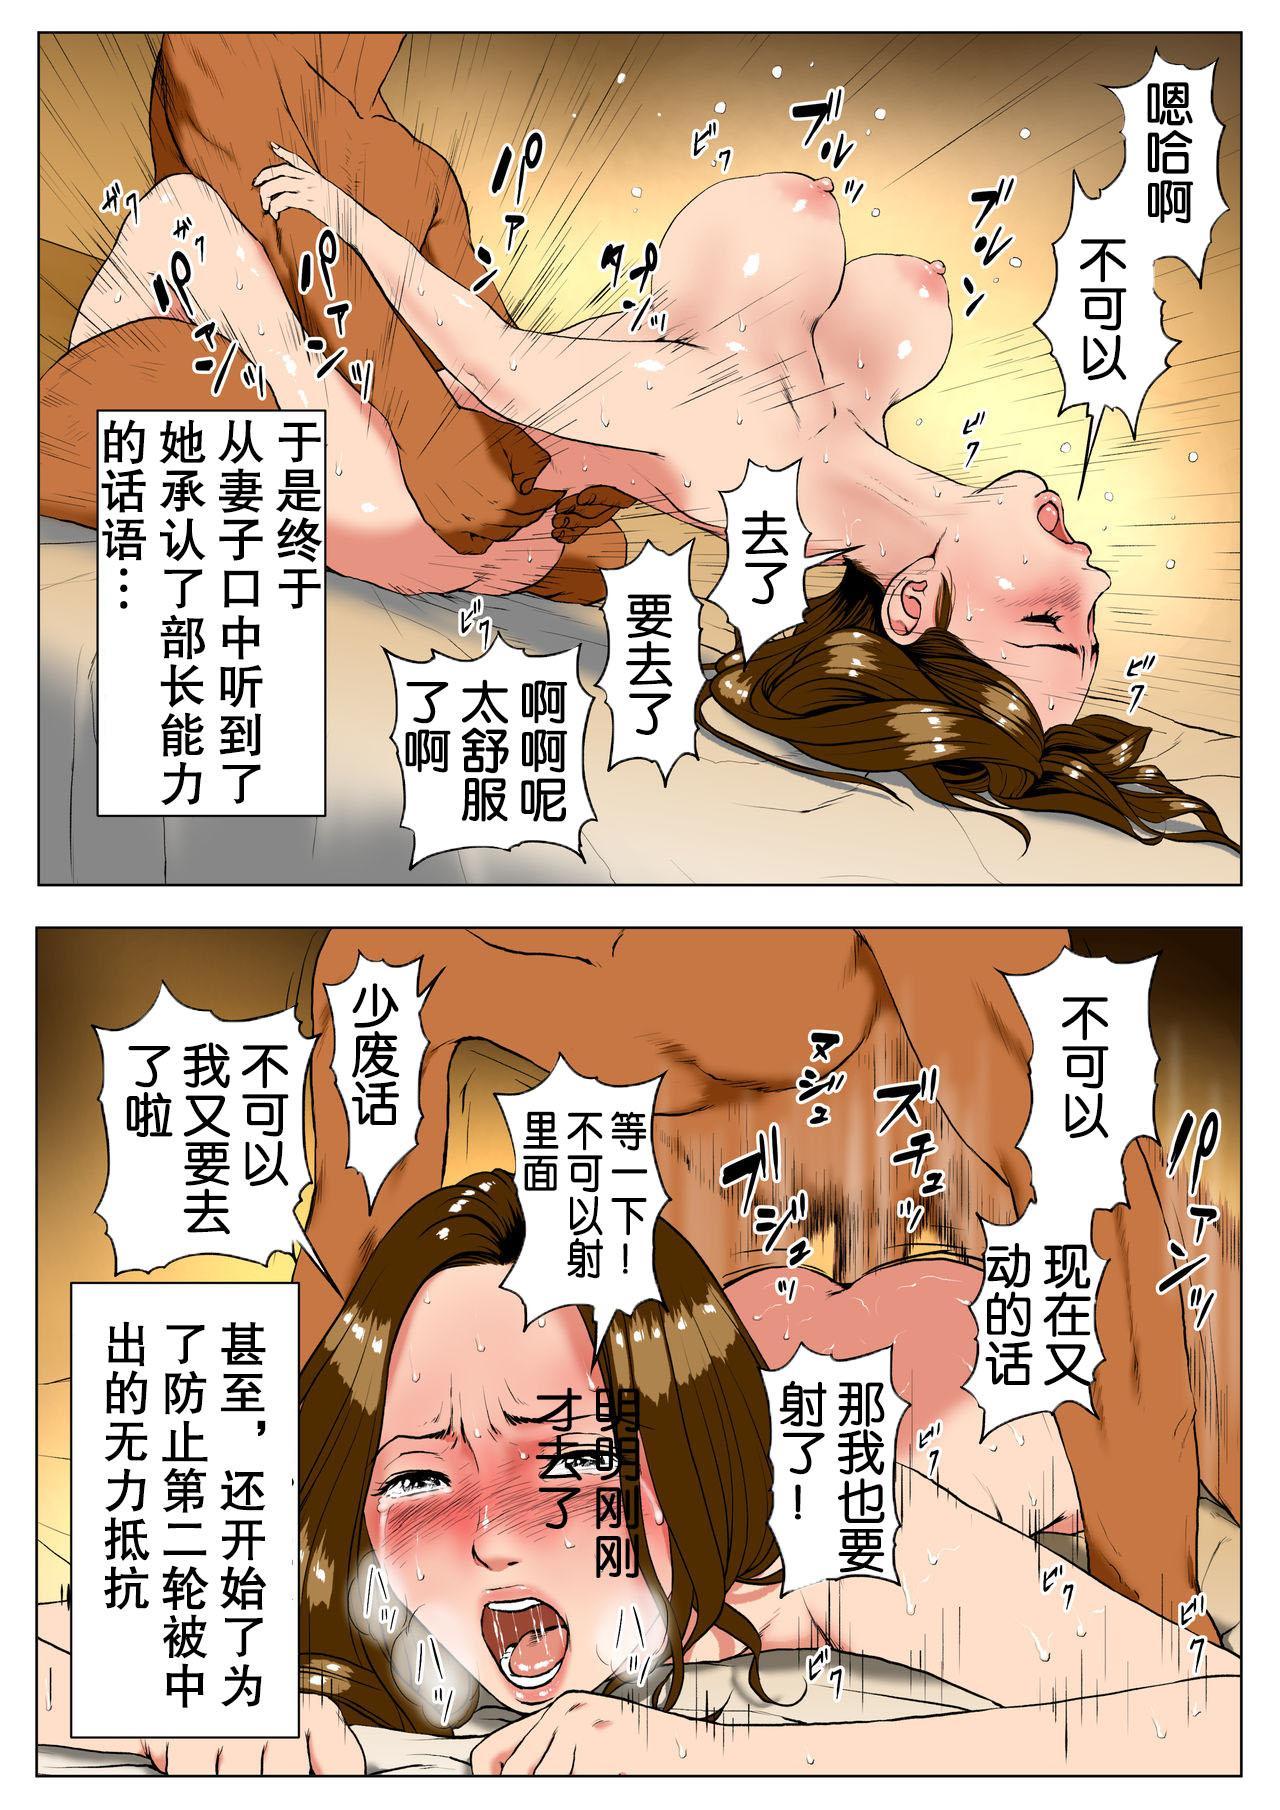 [W no Honnou] Shin, Boku no Tsuma to Kyokon no Moto AV Danyuu Buchou[Chinese]【不可视汉化】 64